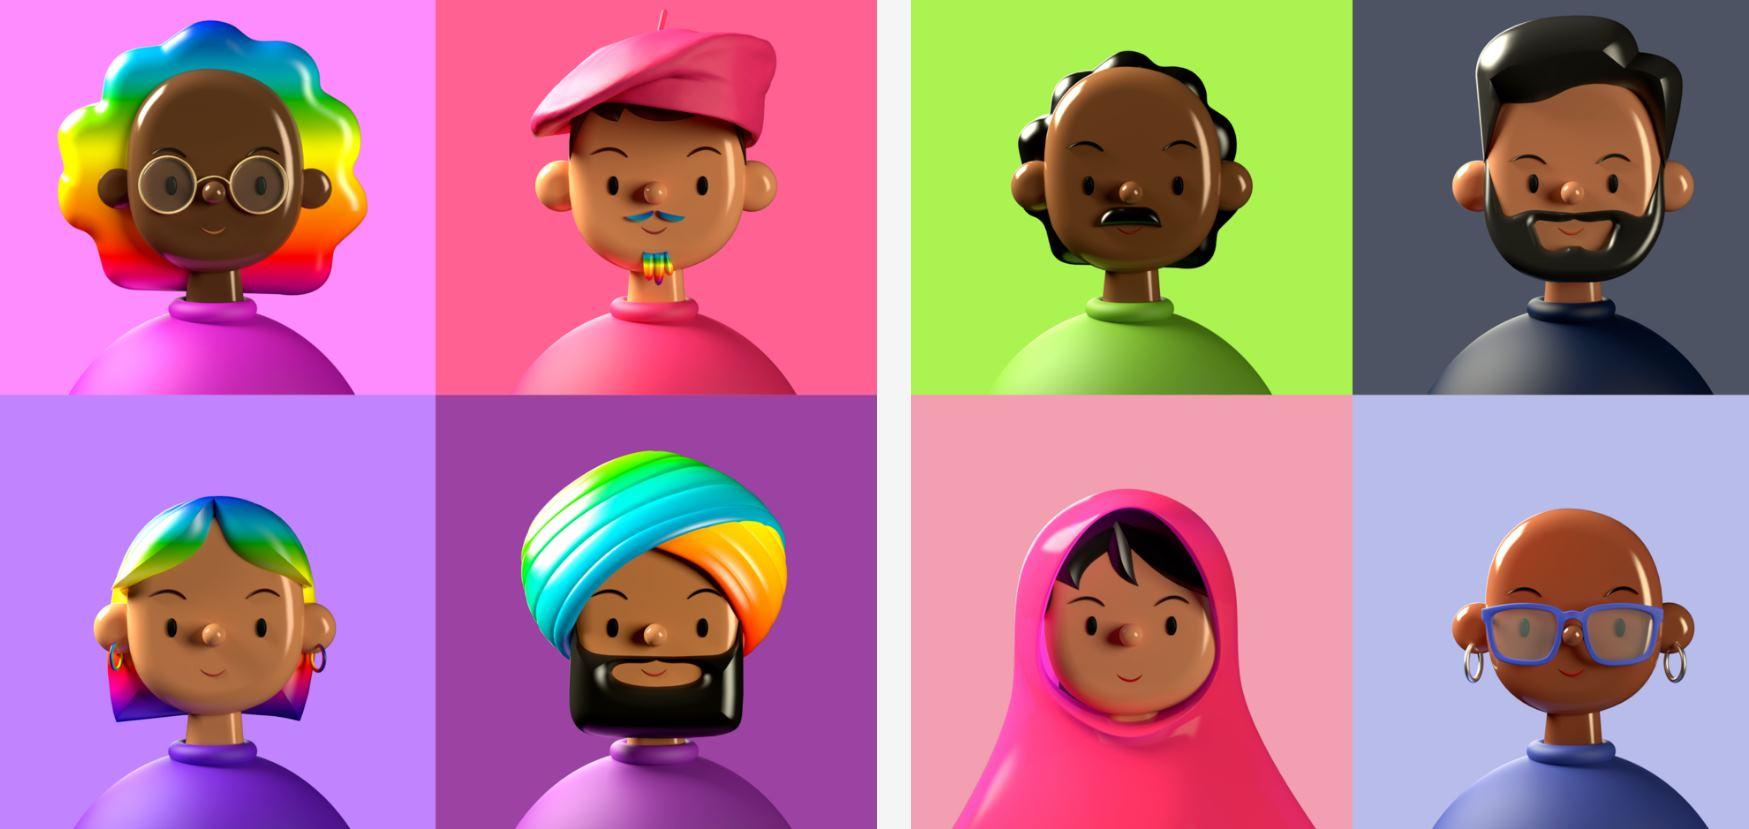 Avatares 3D gratuitos para usar en nuestros diseños